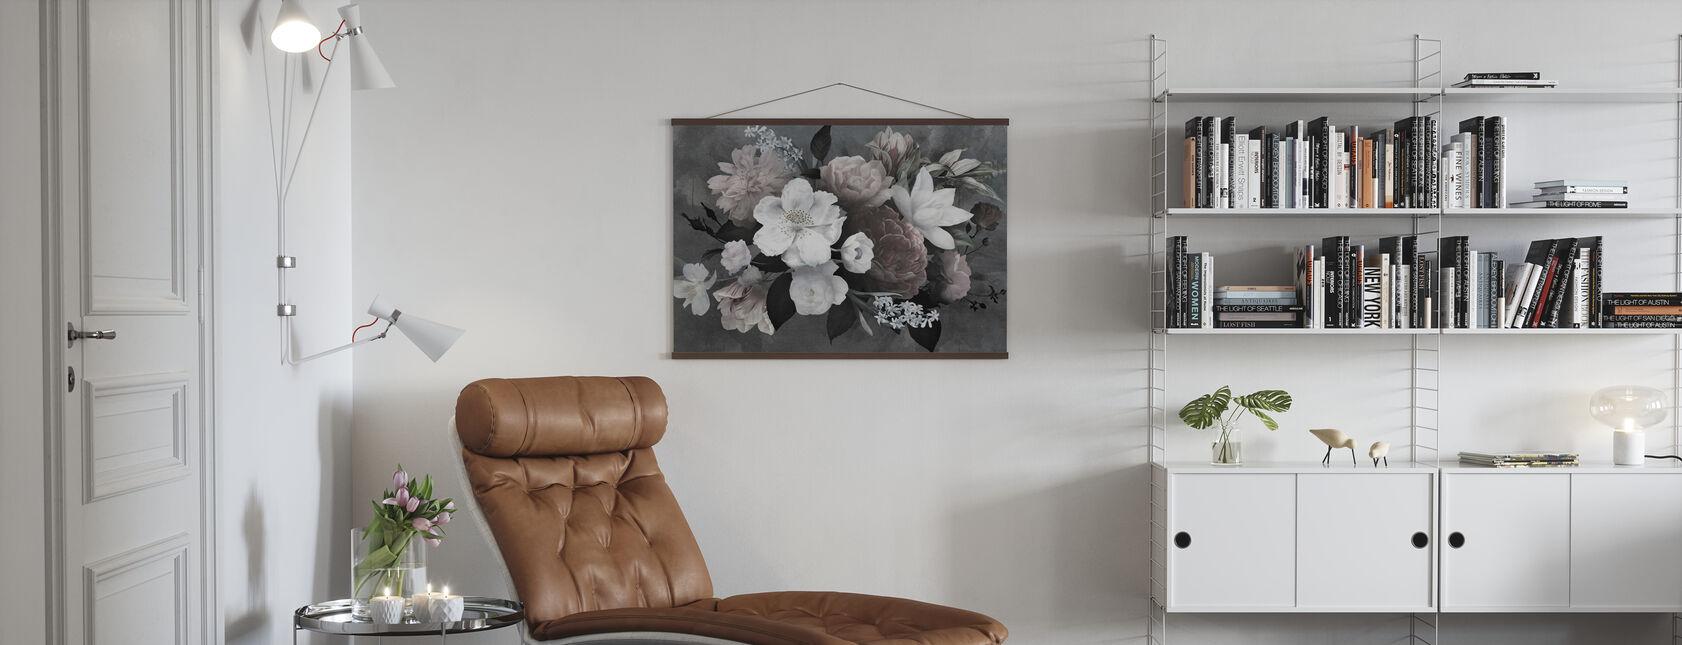 Vintage Blumen - Poster - Wohnzimmer